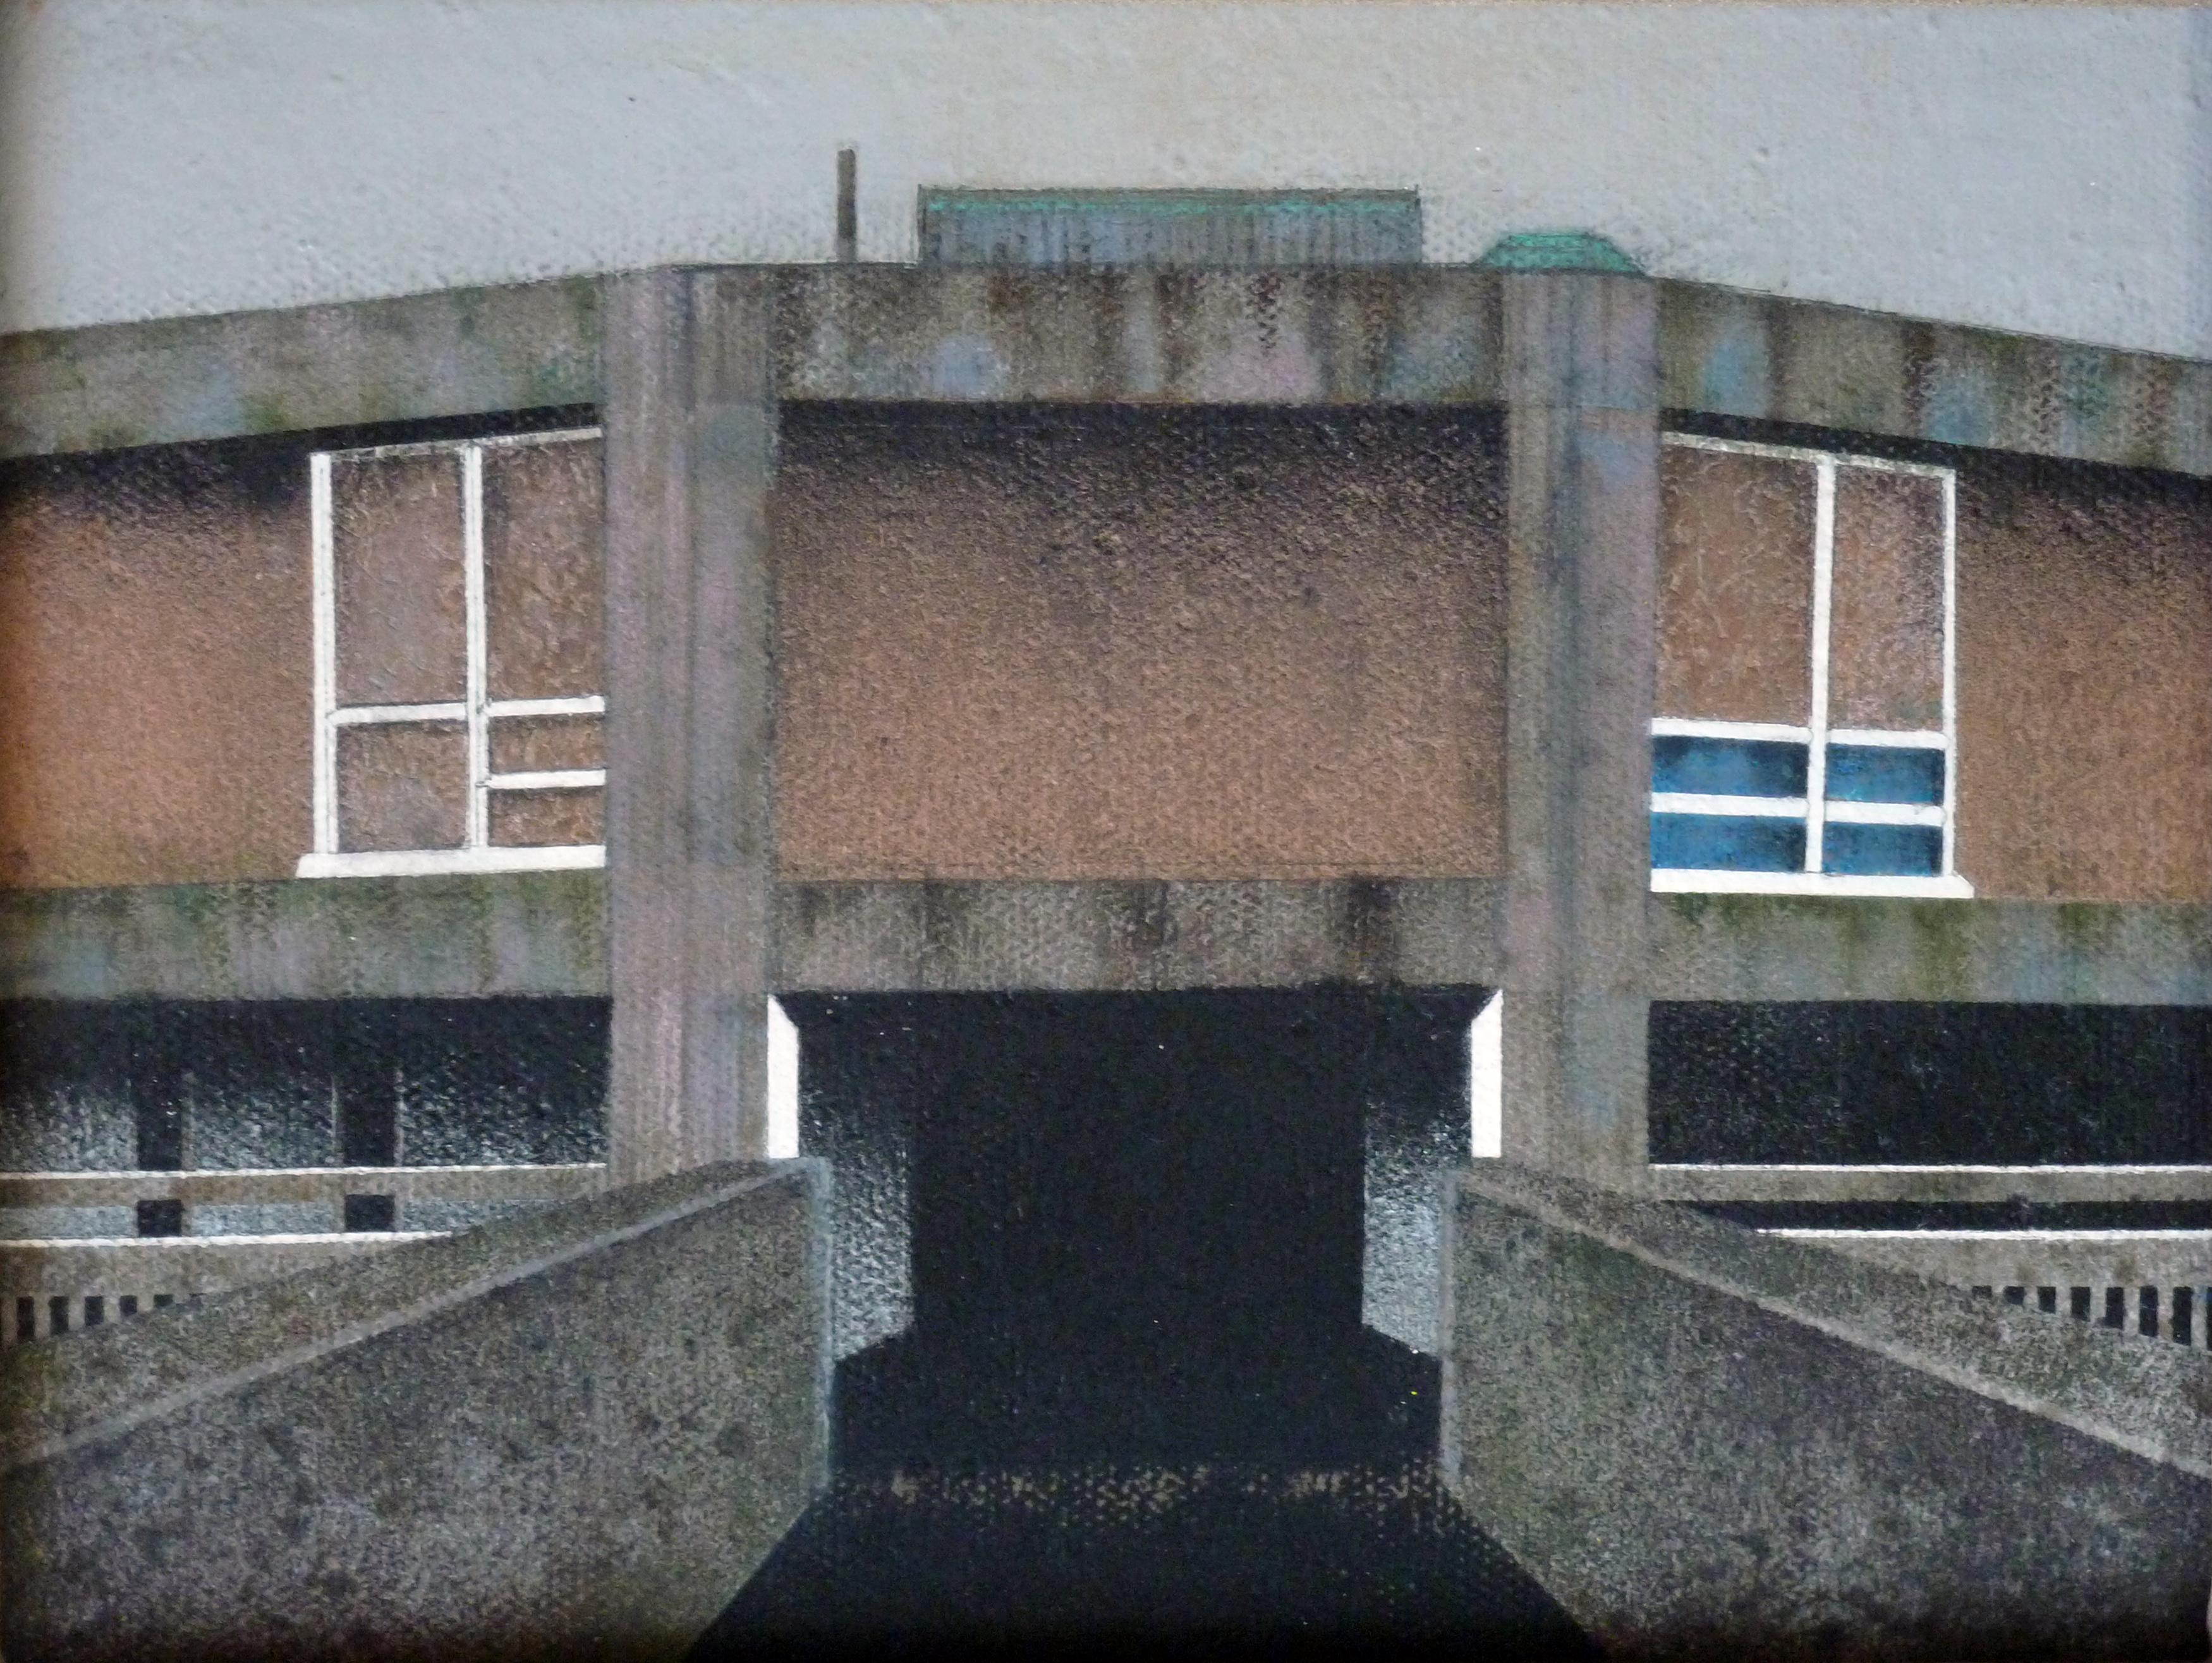 Mandy Payne, Abandoned Utopia